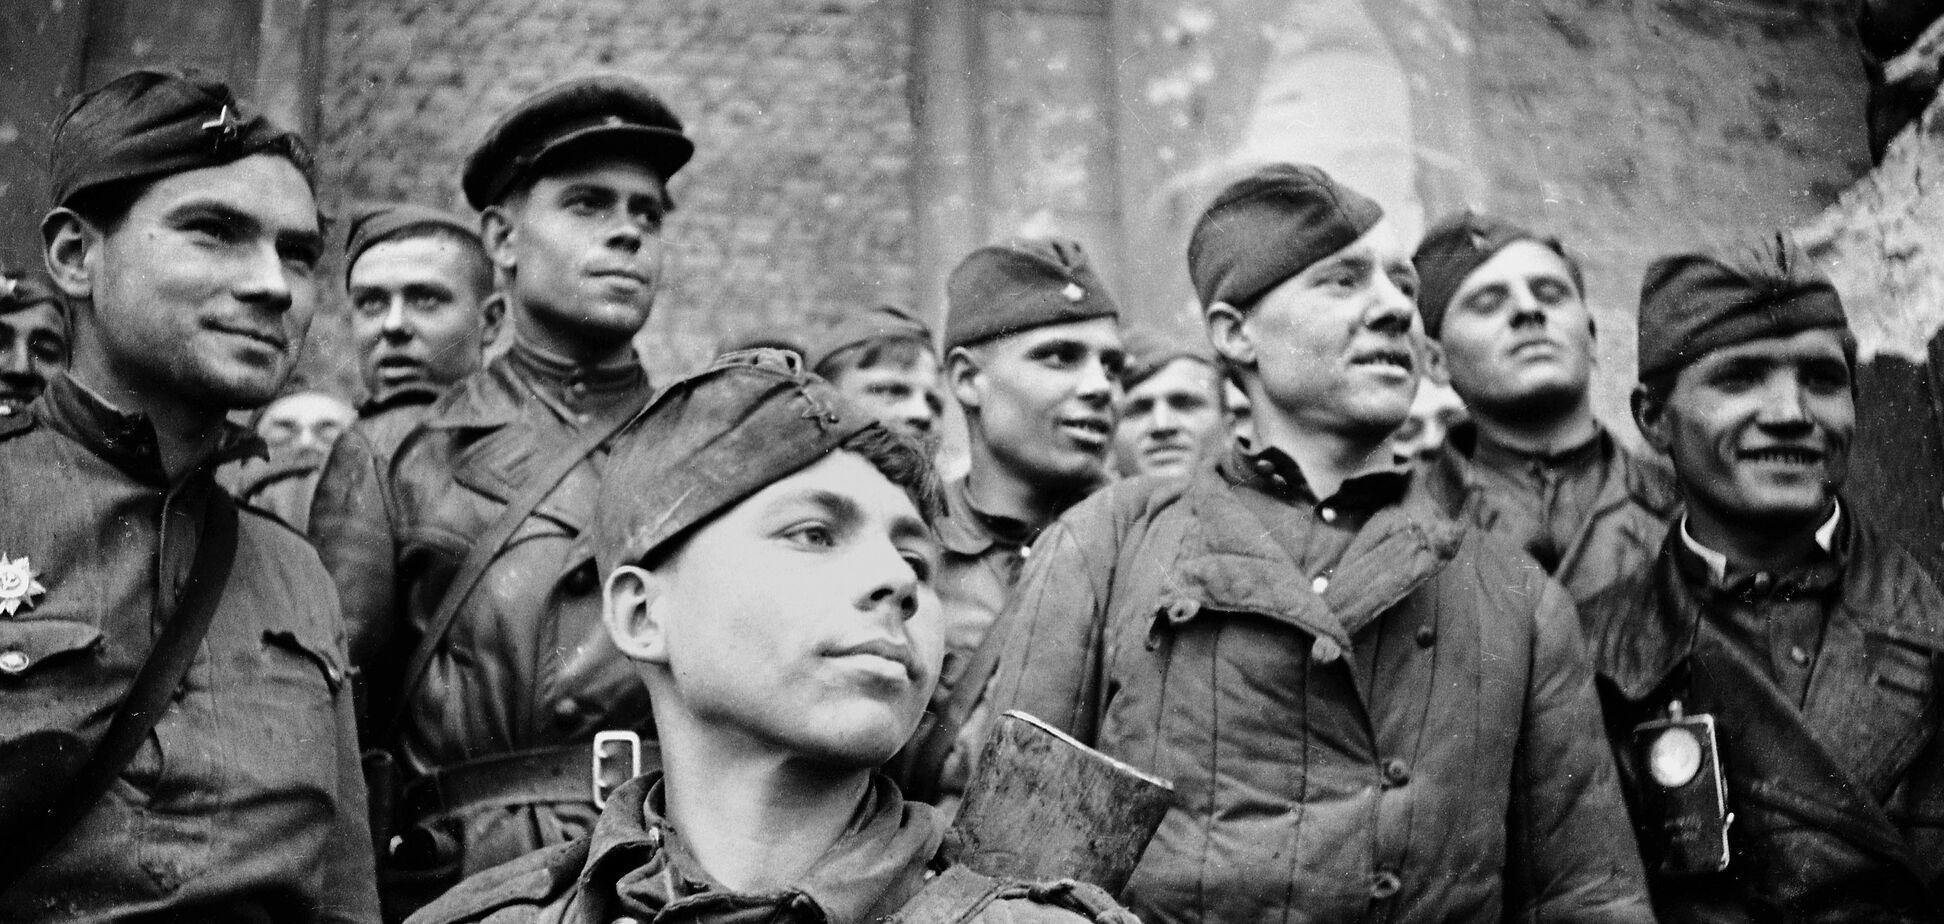 Россия негодует: Латвия приравняла солдат СССР к нацистам